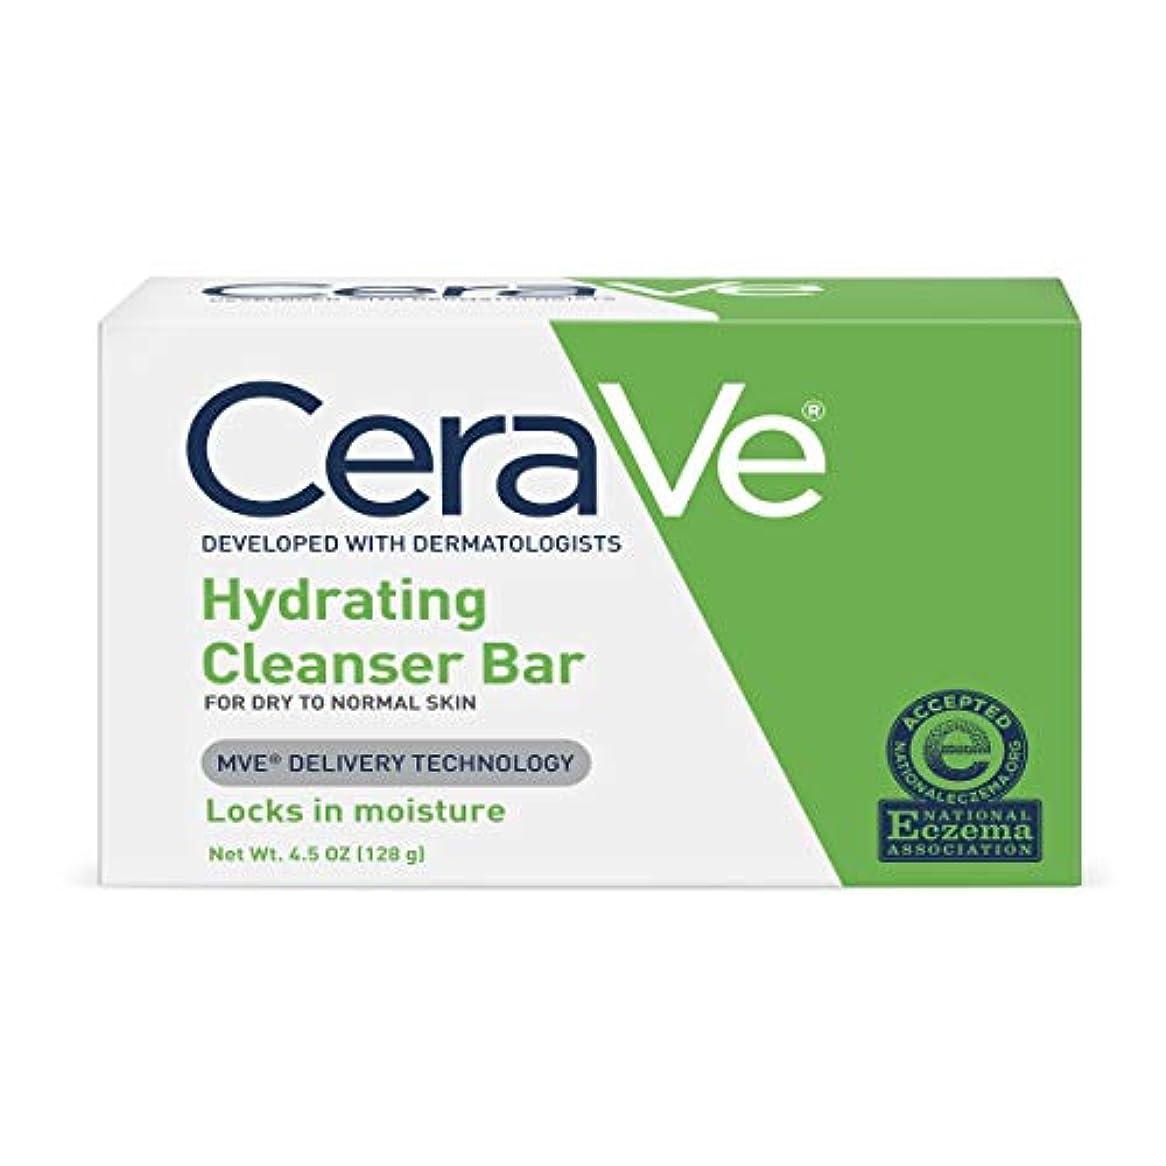 自動的にさようならいじめっ子CeraVe ハイドレイティングクレンジングバー4.5オズ(12パック) 12のパック